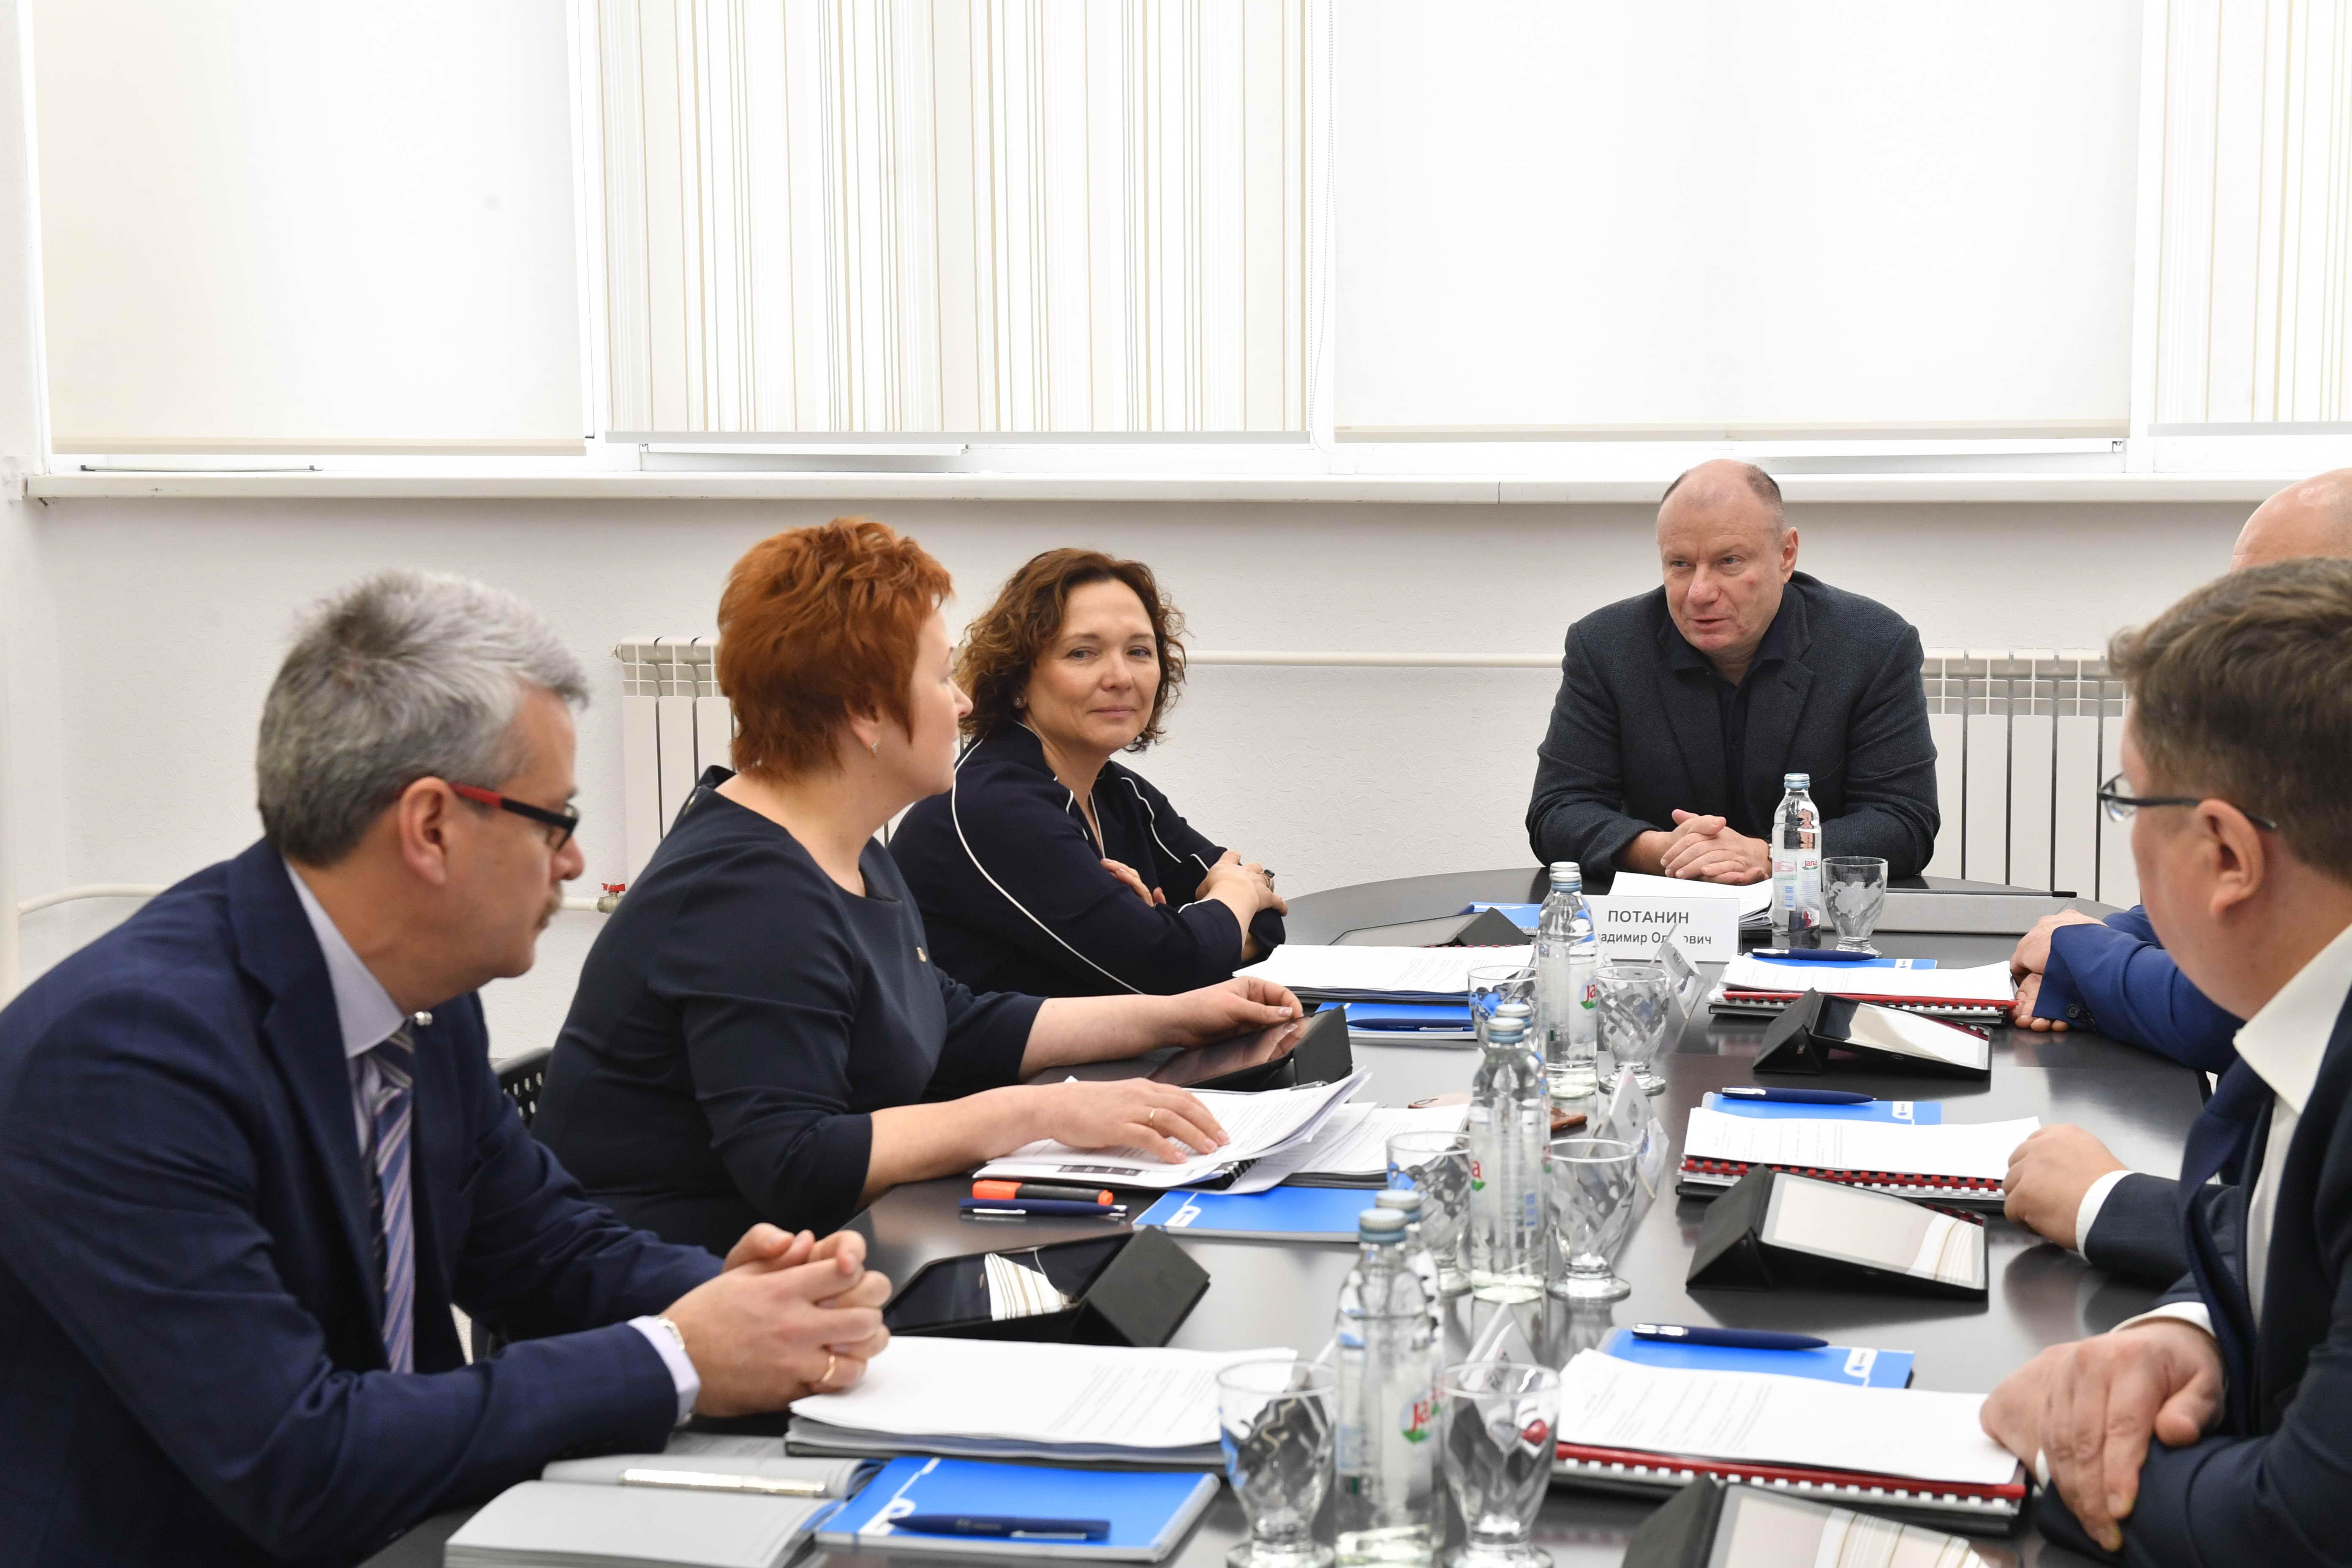 Наблюдательный совет одобрил работу Агентства развития Норильска